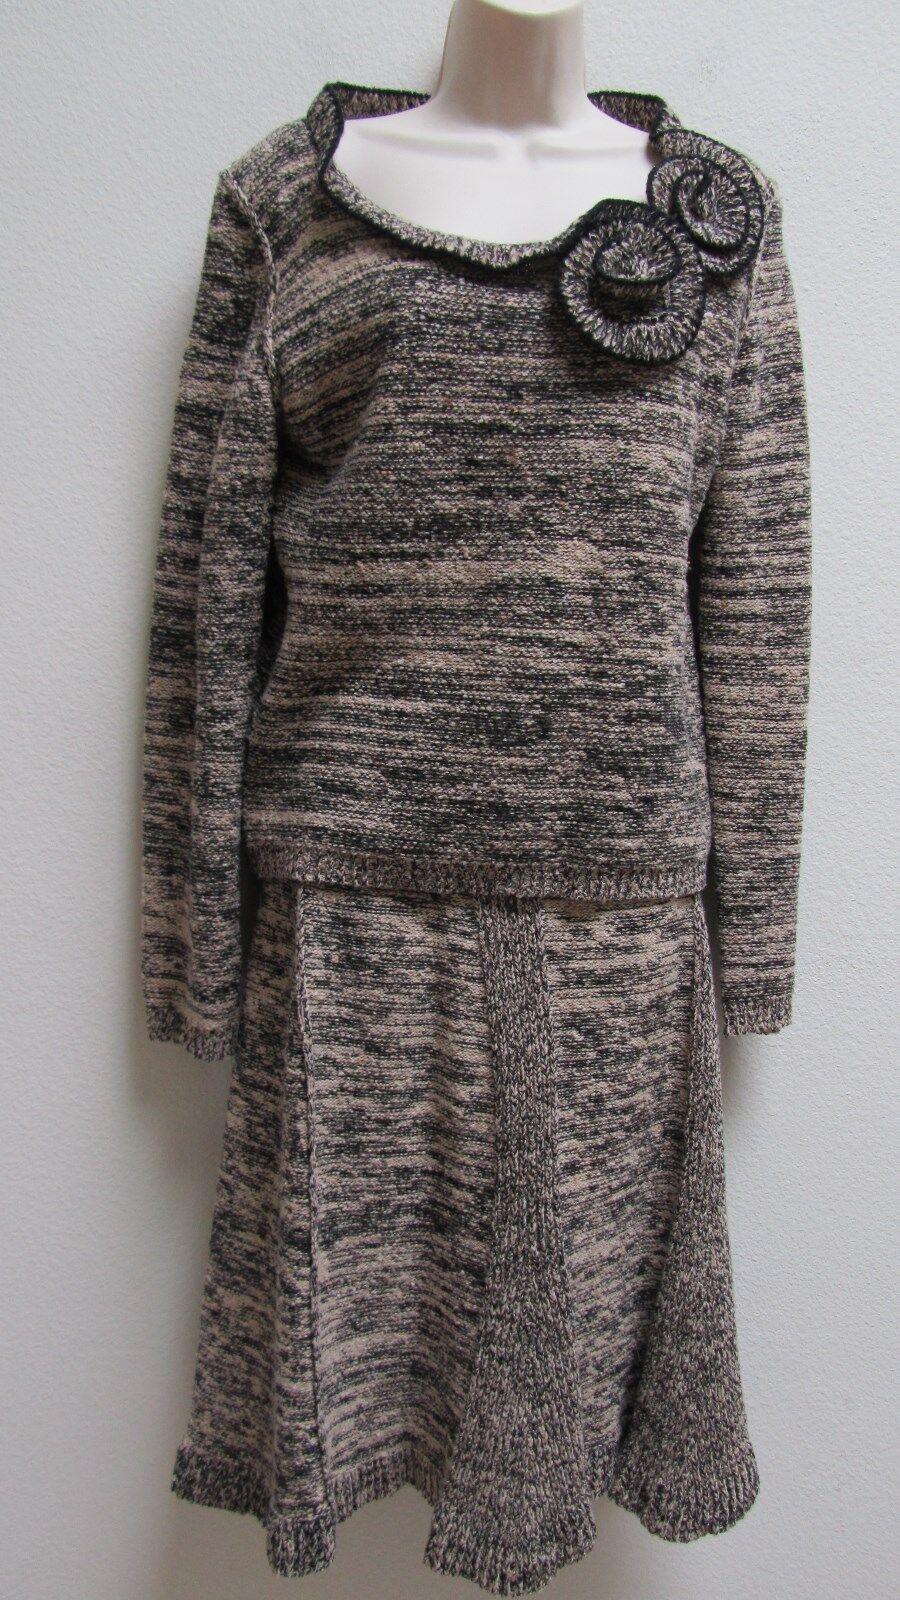 SONIA RYKIEL Knite Top och kjol Suit Set Sz 44.Italien